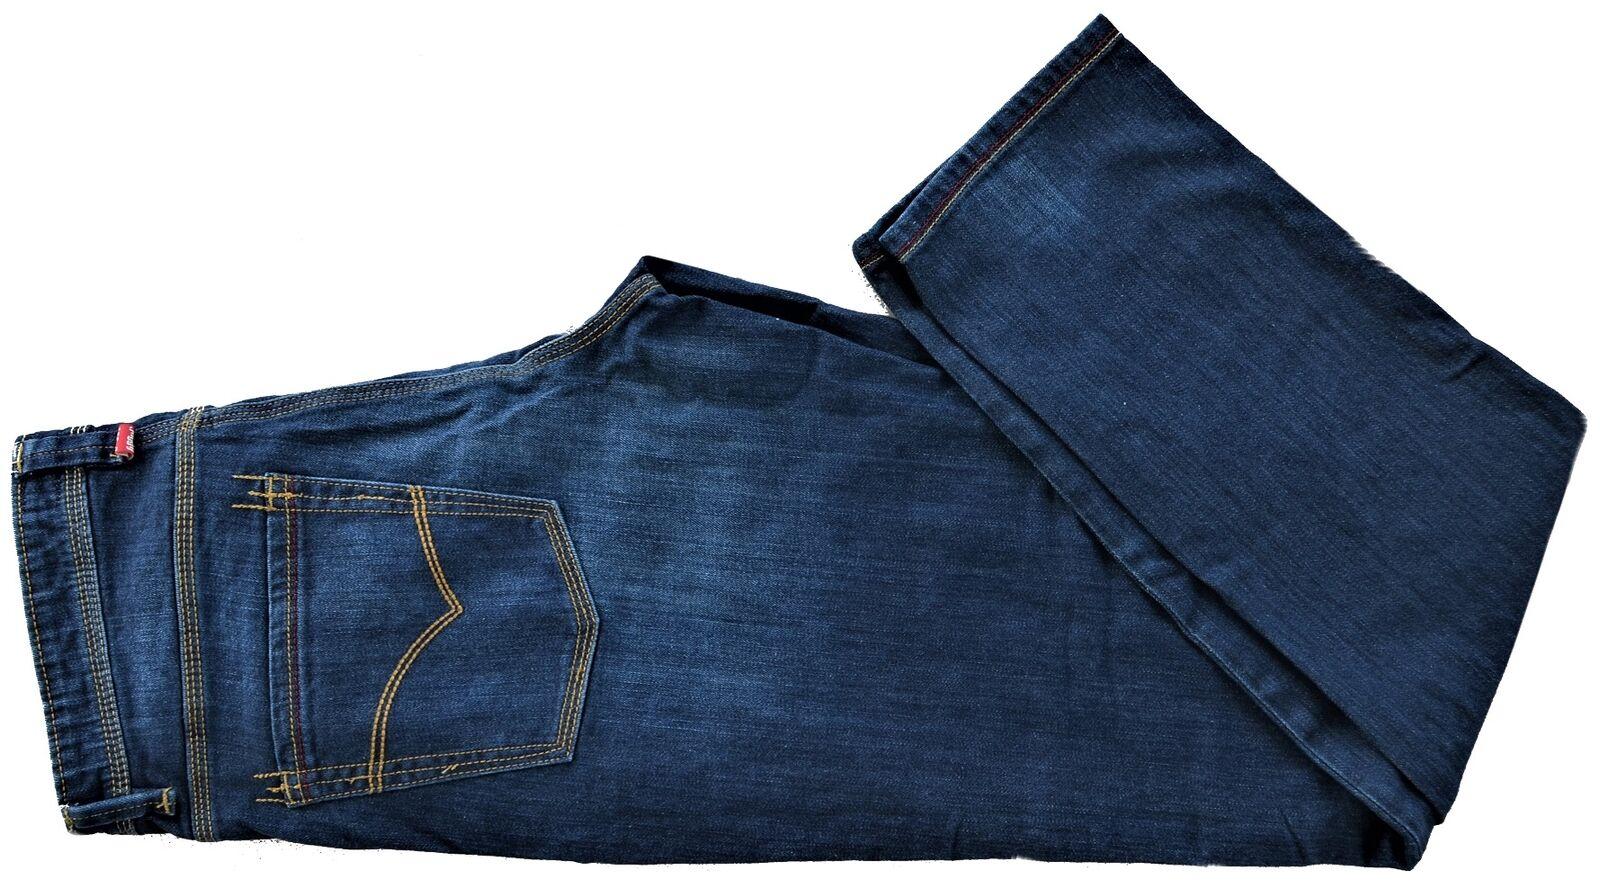 Jaens Herren Jaggy Newman Regular Reißverschluss Denim Blau Jeans Mann    Haben Wir Lob Von Kunden Gewonnen    Für Ihre Wahl    Online Outlet Shop